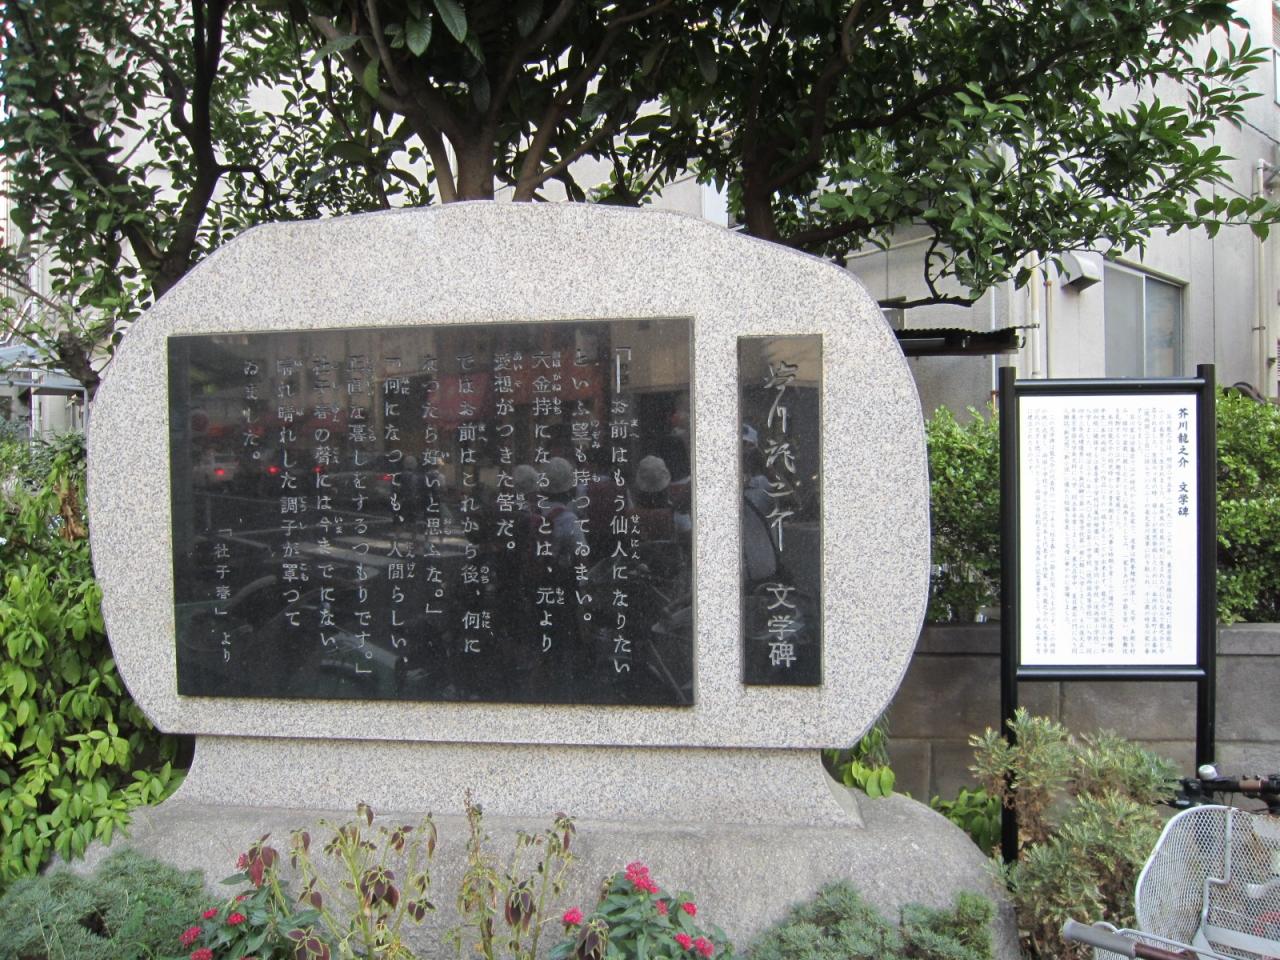 芥川 龍之介 文学 碑